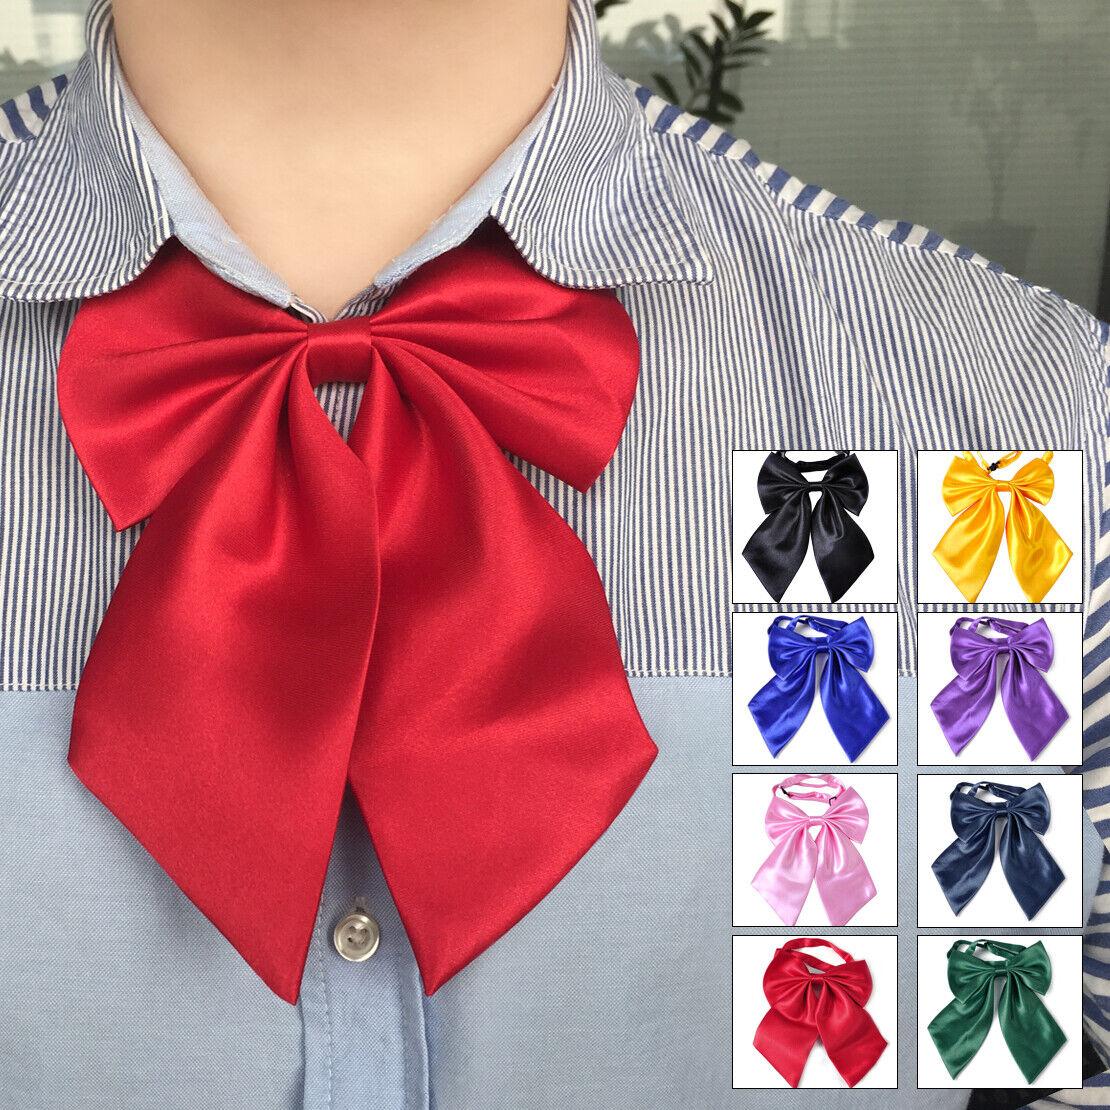 Fashion Women Girl Bow Tie Neckwear Formal Work Party Banquet Adjustable Necktie